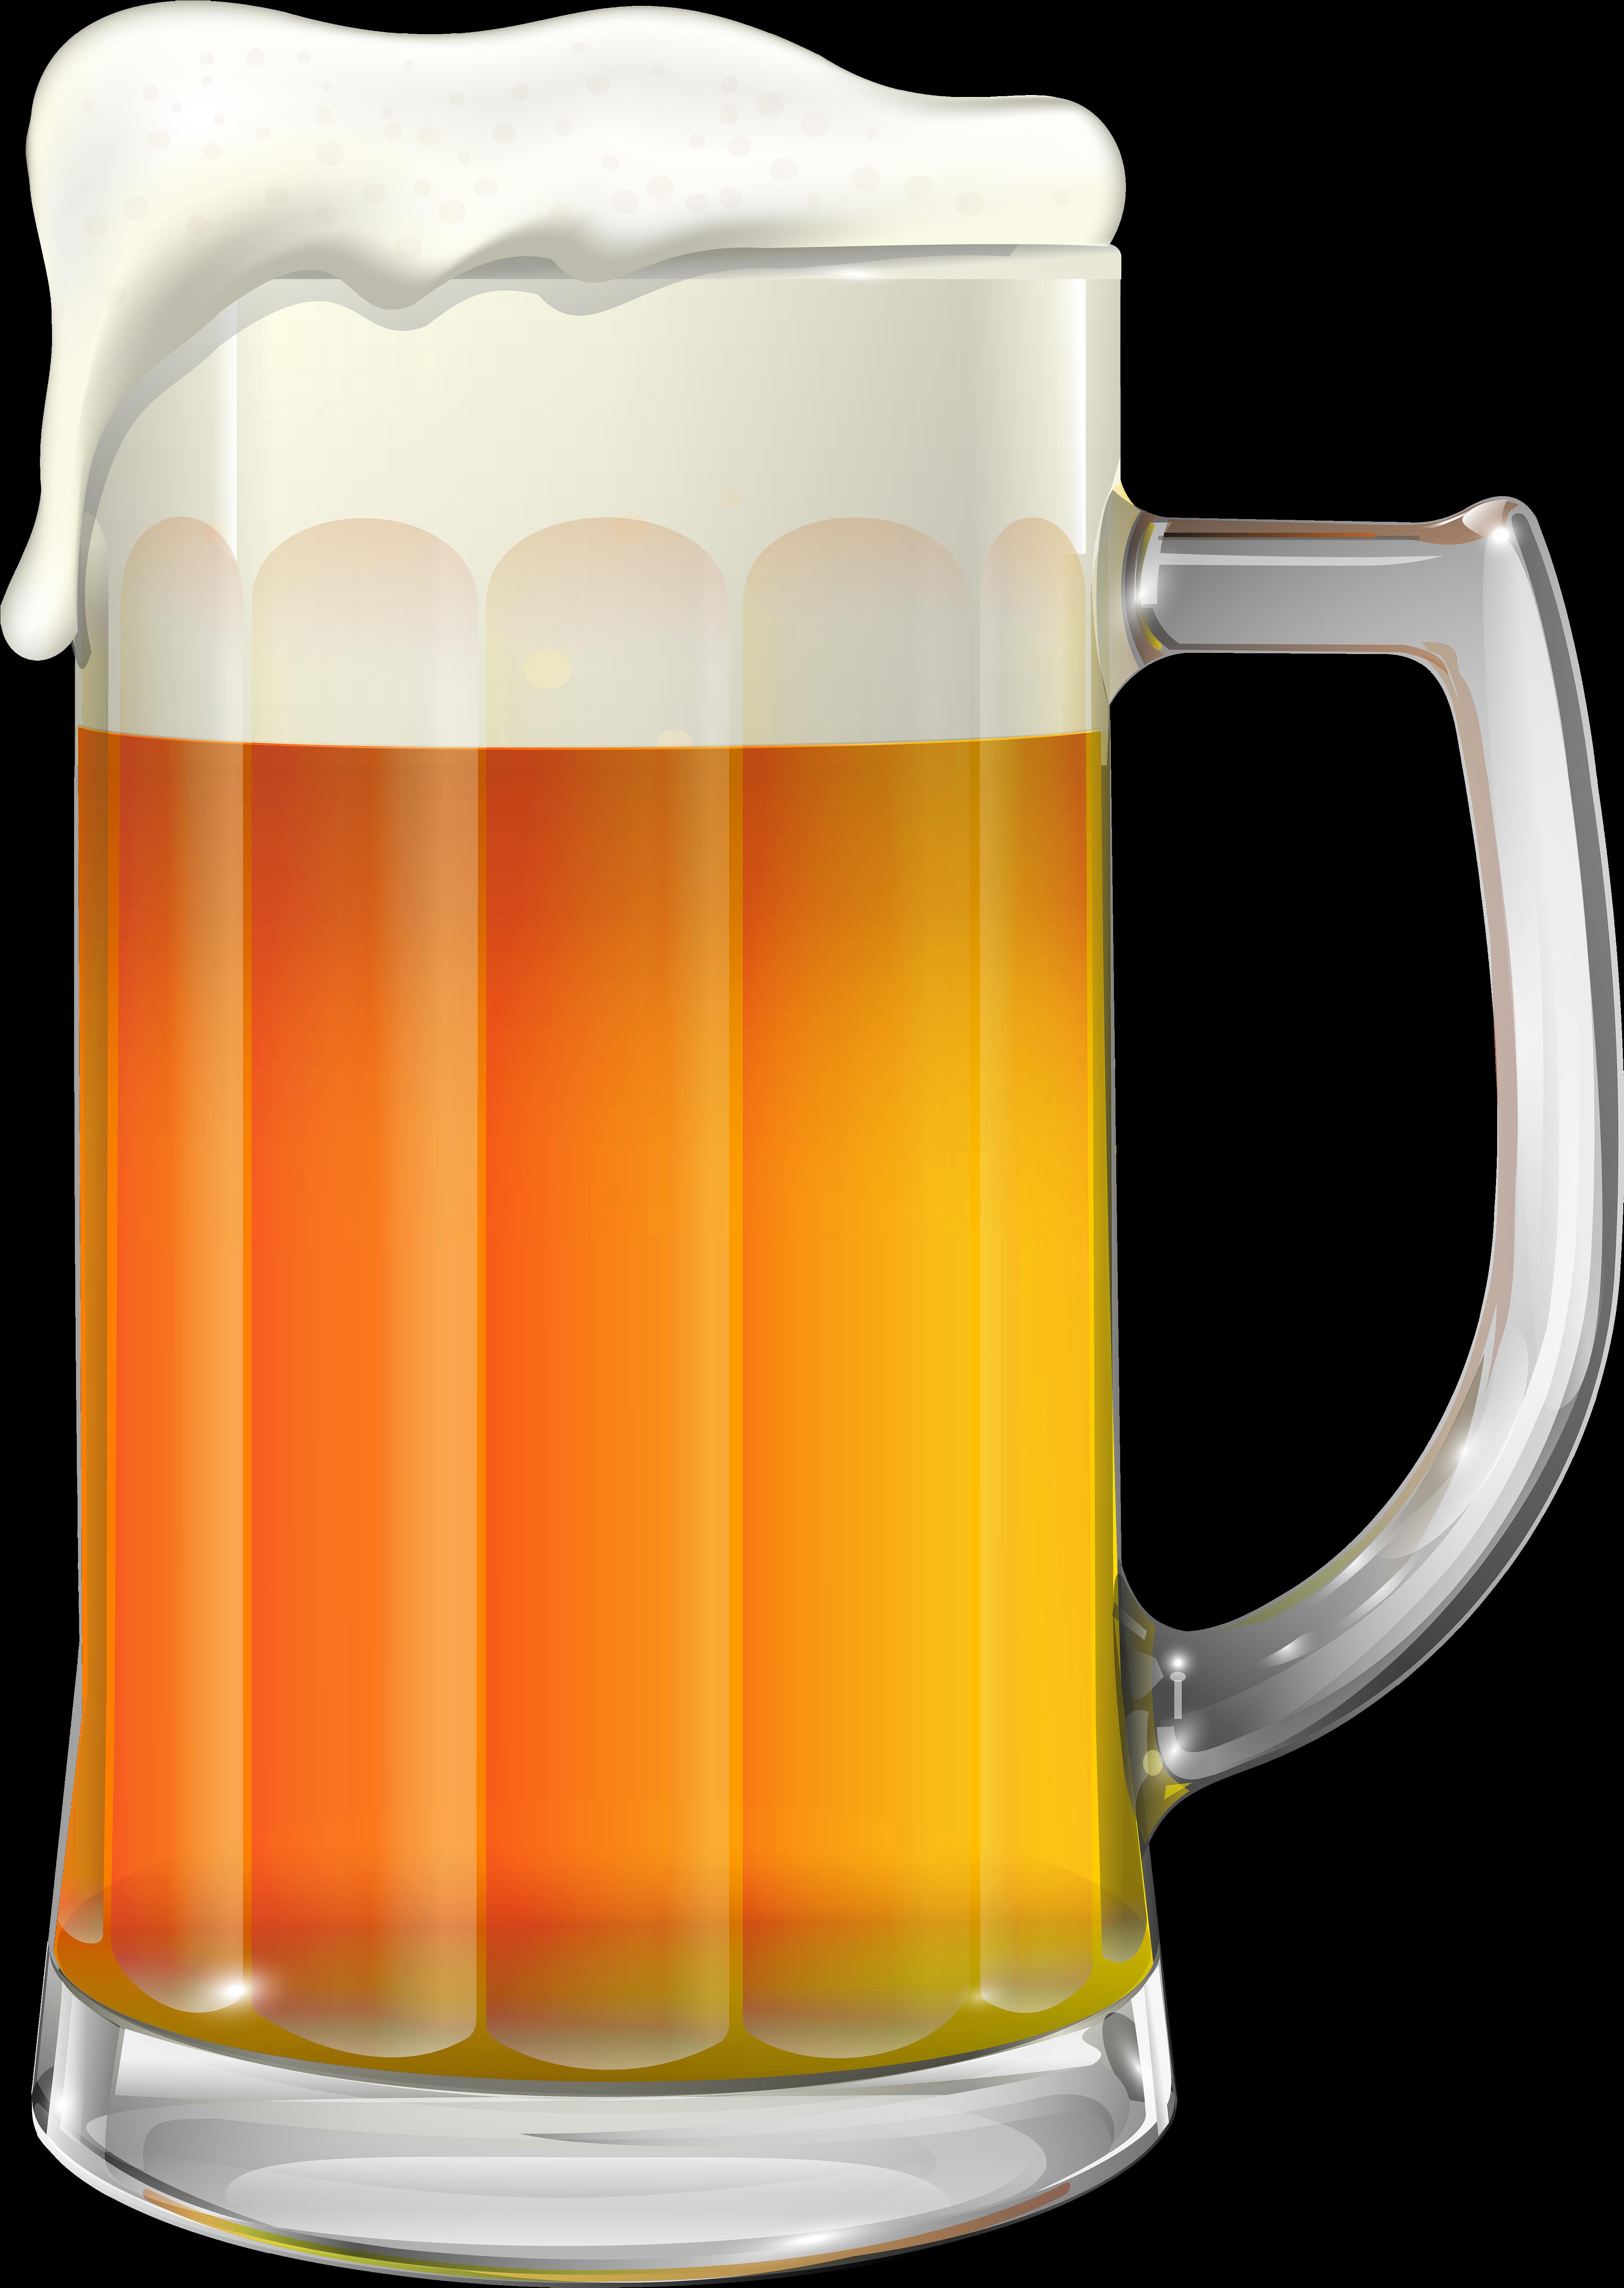 картинки пиво в кружке разливное посмотреть принято решение